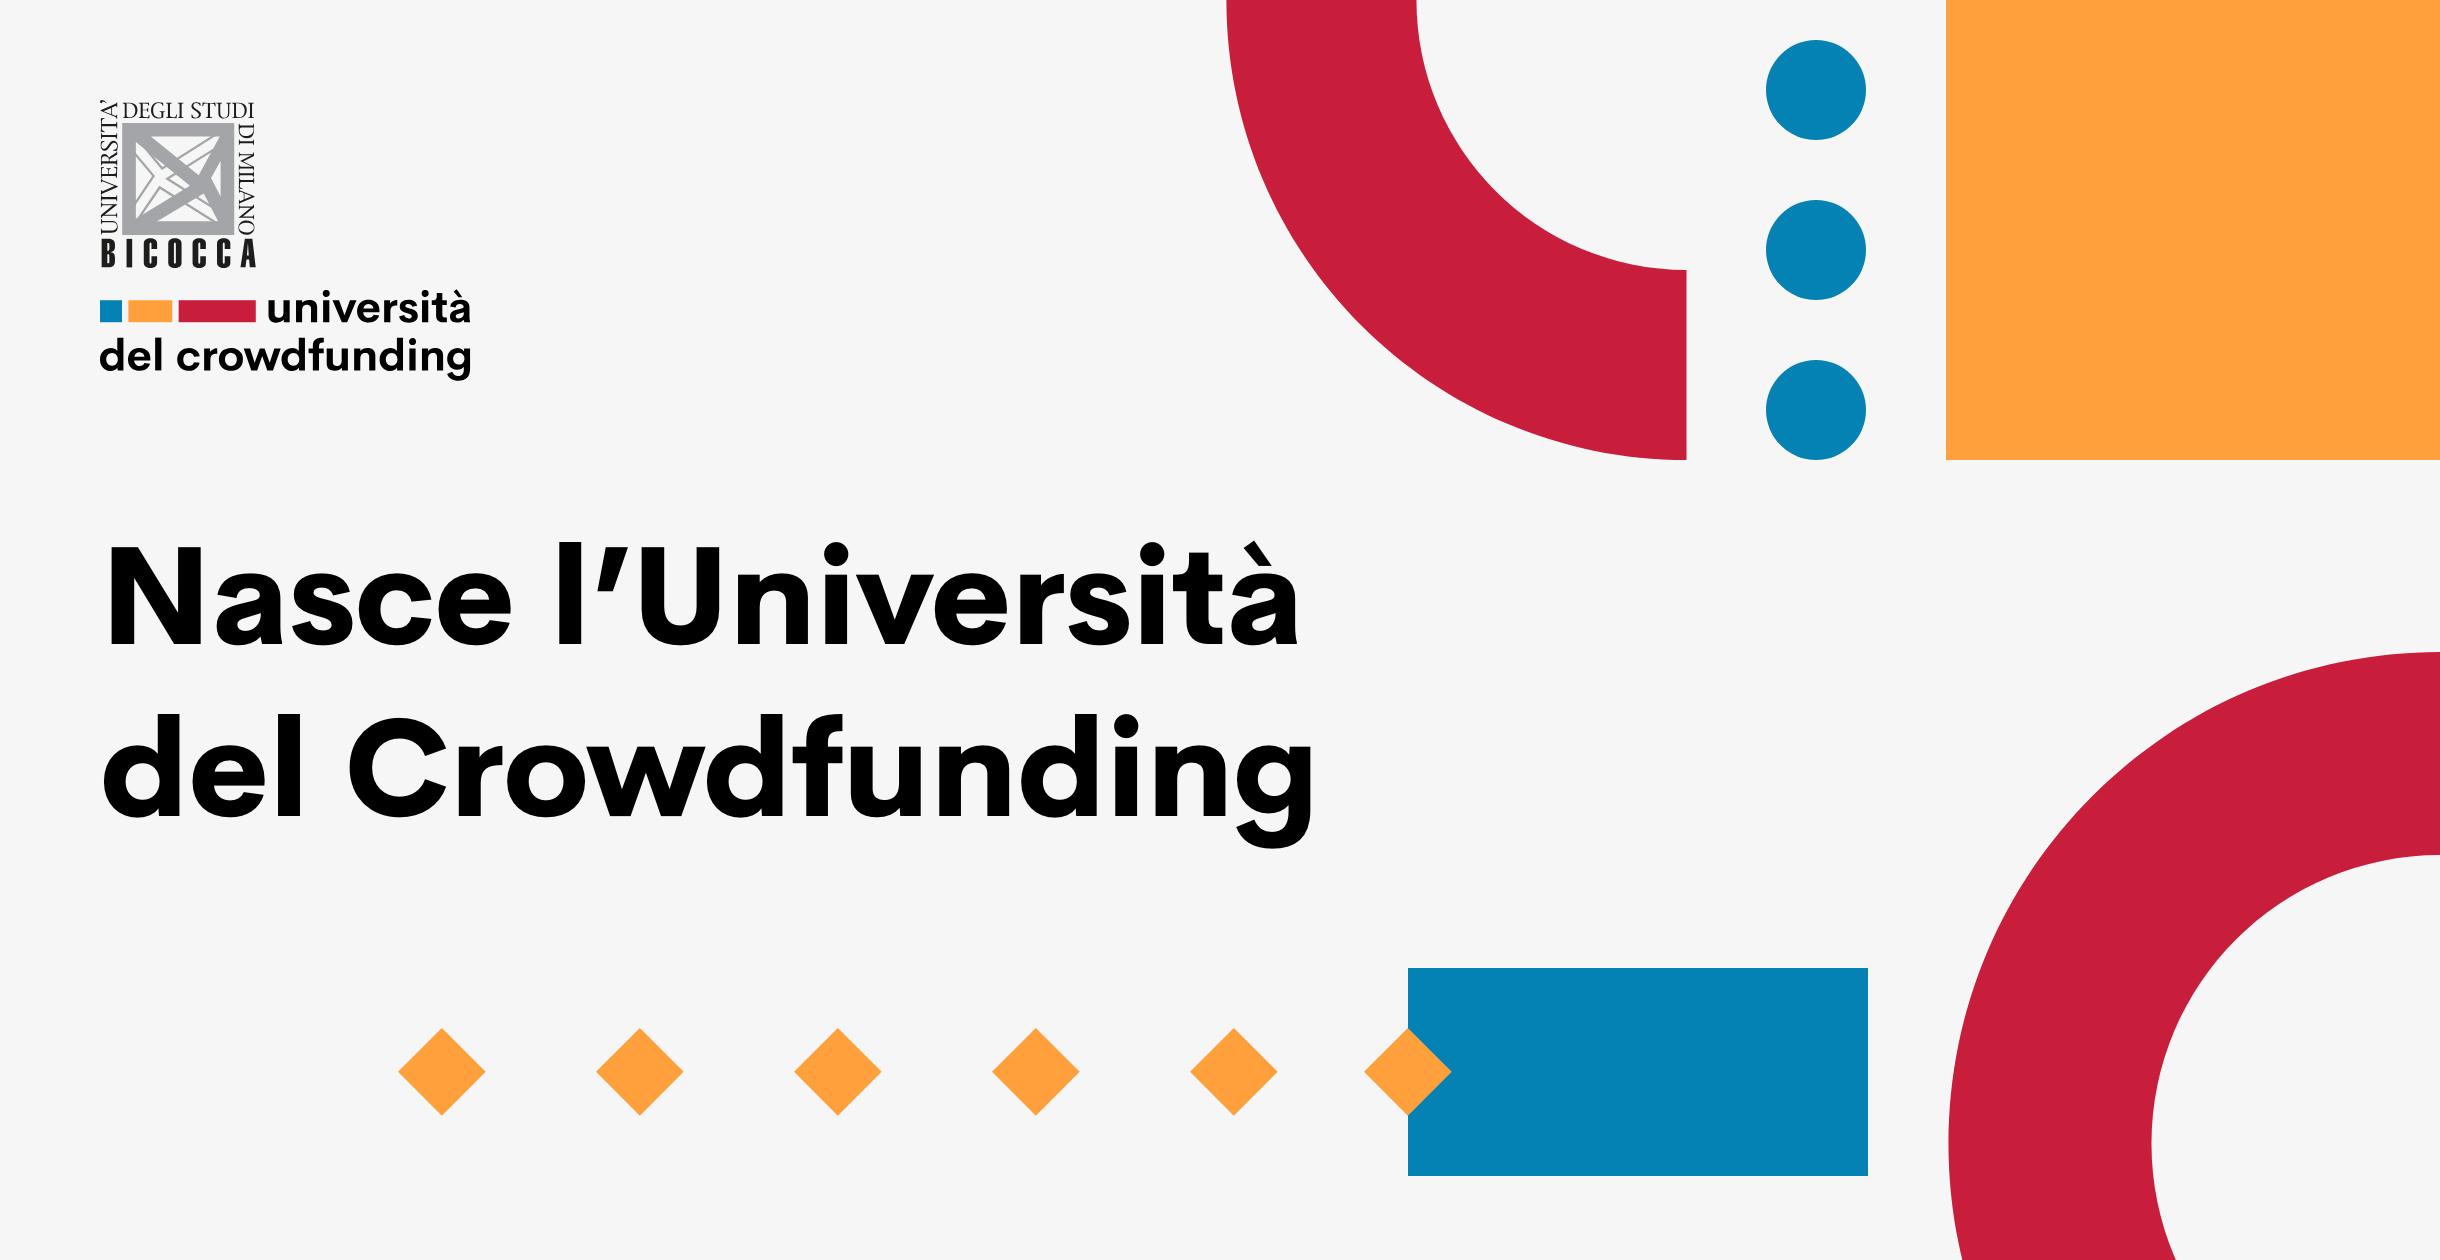 Crowdfunding e università per finanziare la ricerca